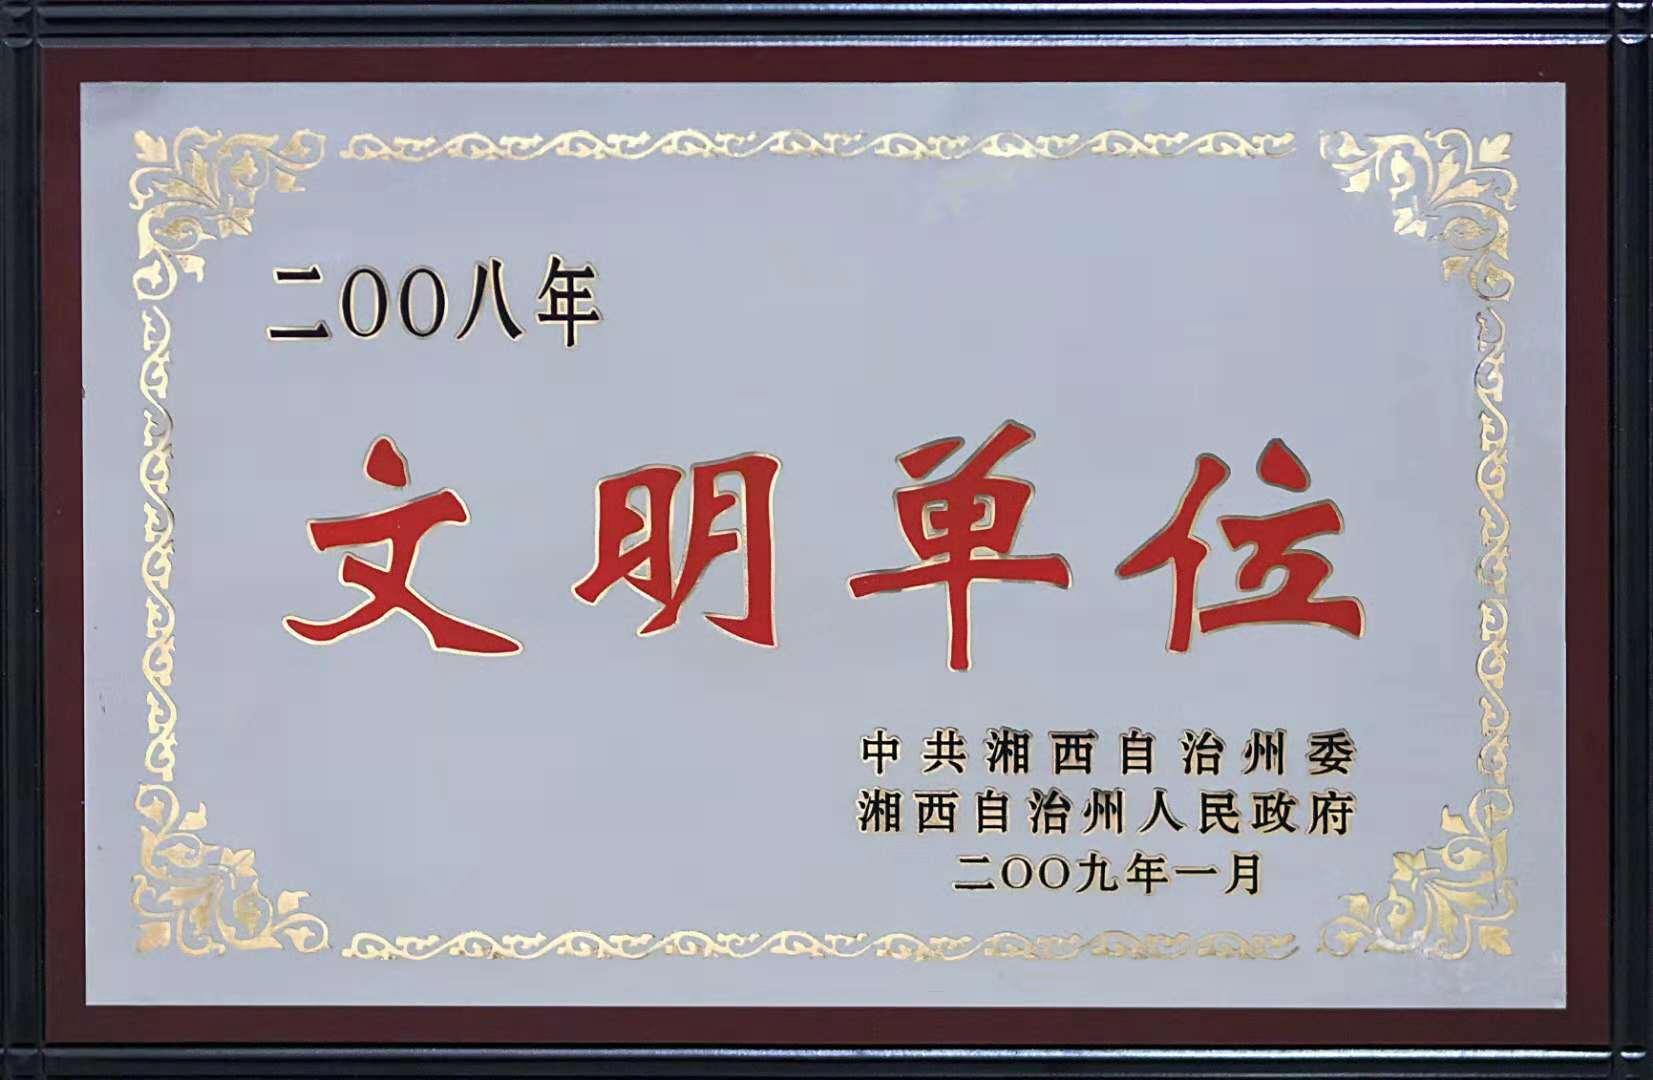 【地方级】湘西州文明单位